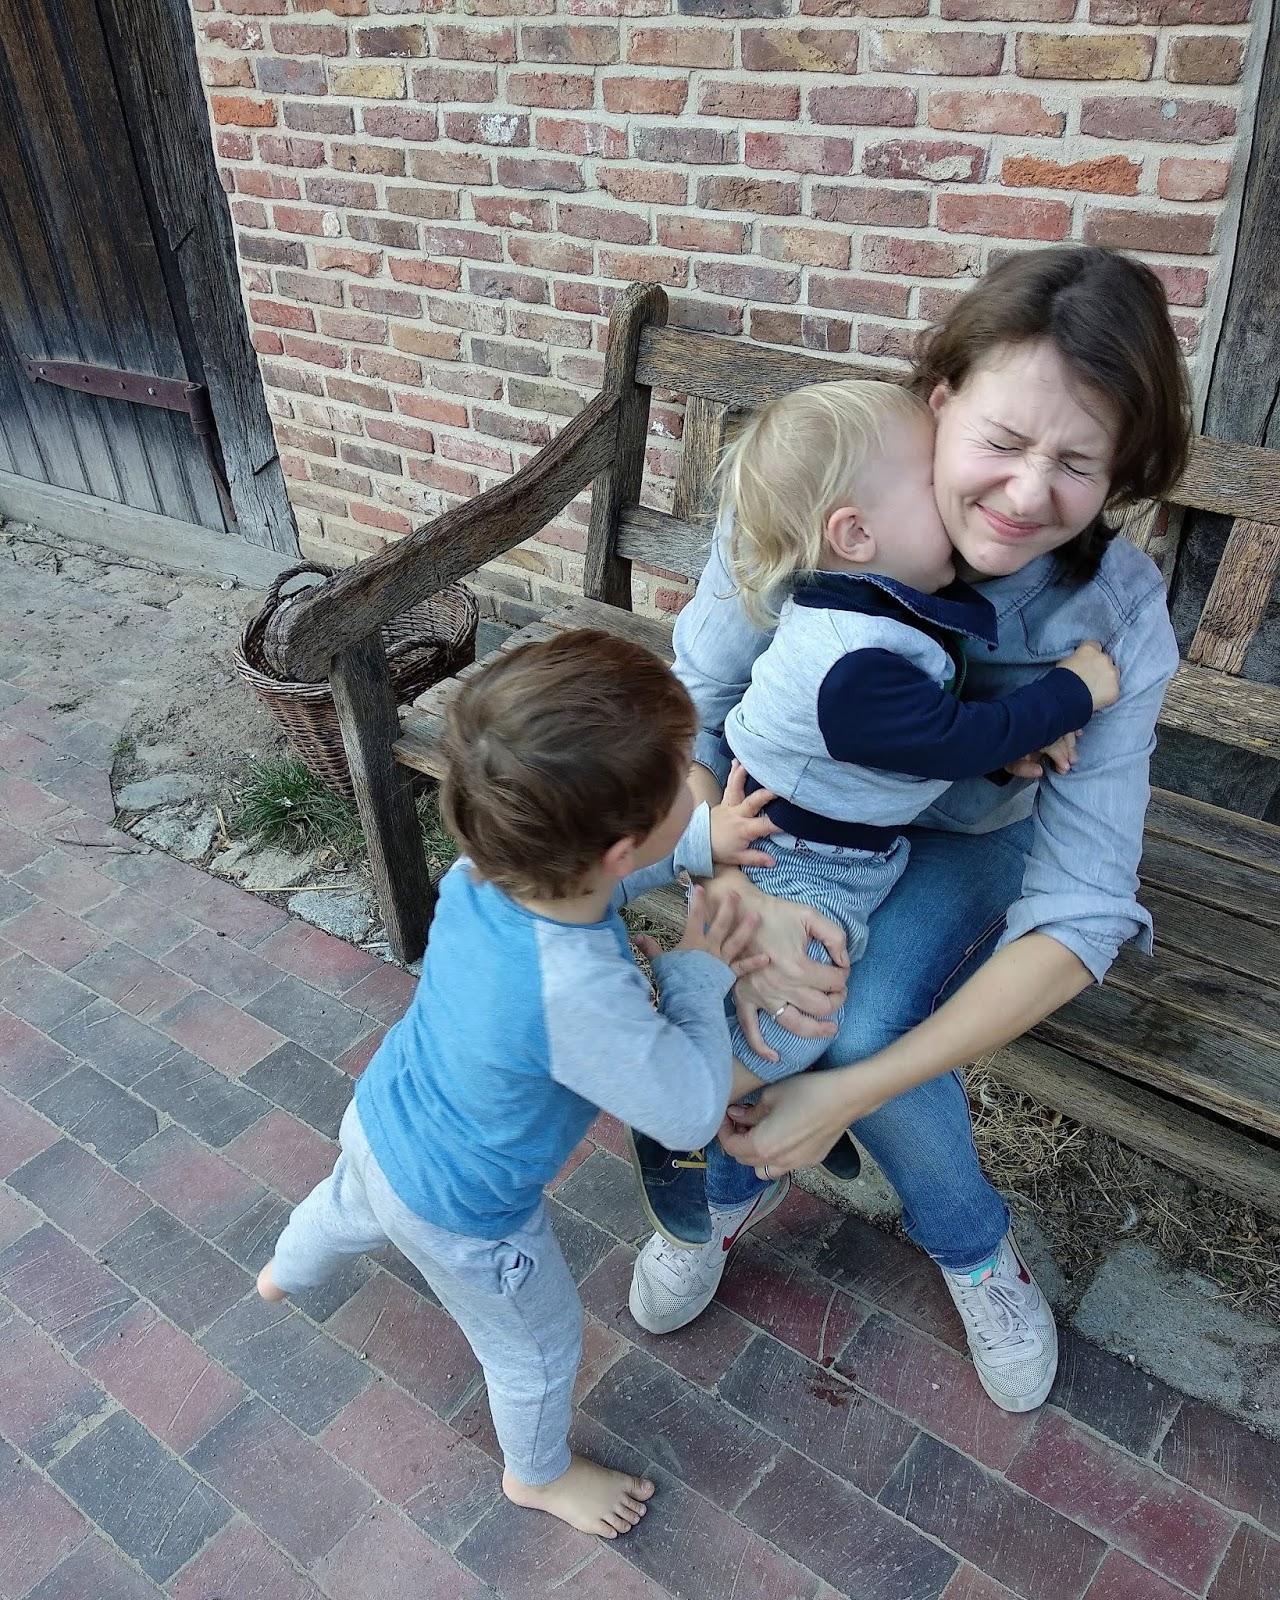 Kann eine Reise allein mit zwei kleinen Kindern erholsam sein?